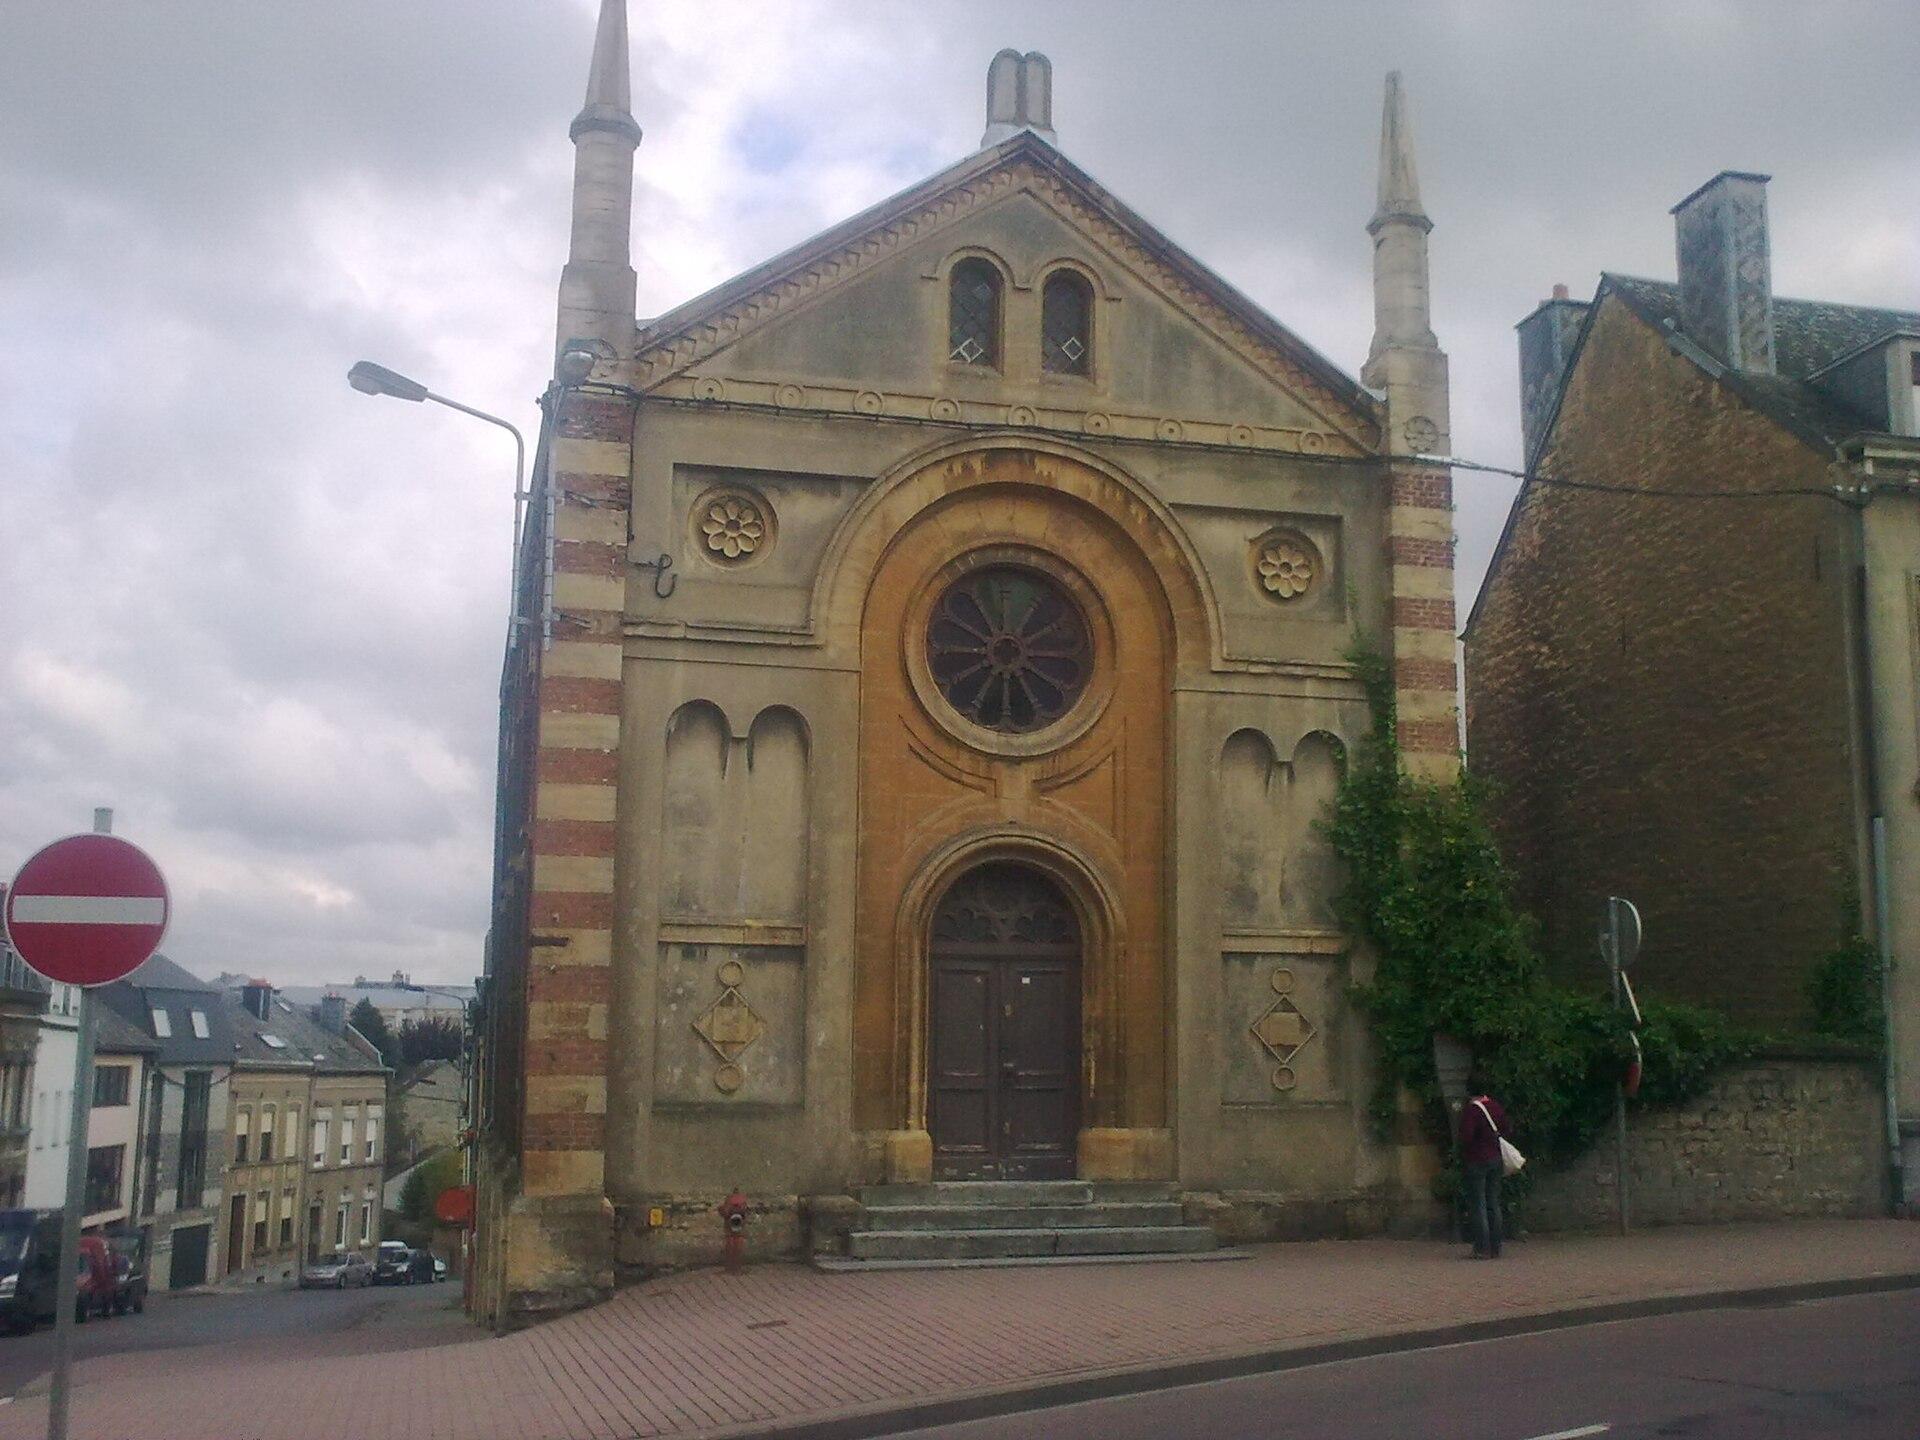 Histoire des juifs en belgique wikip dia for Histoire des jardins wikipedia